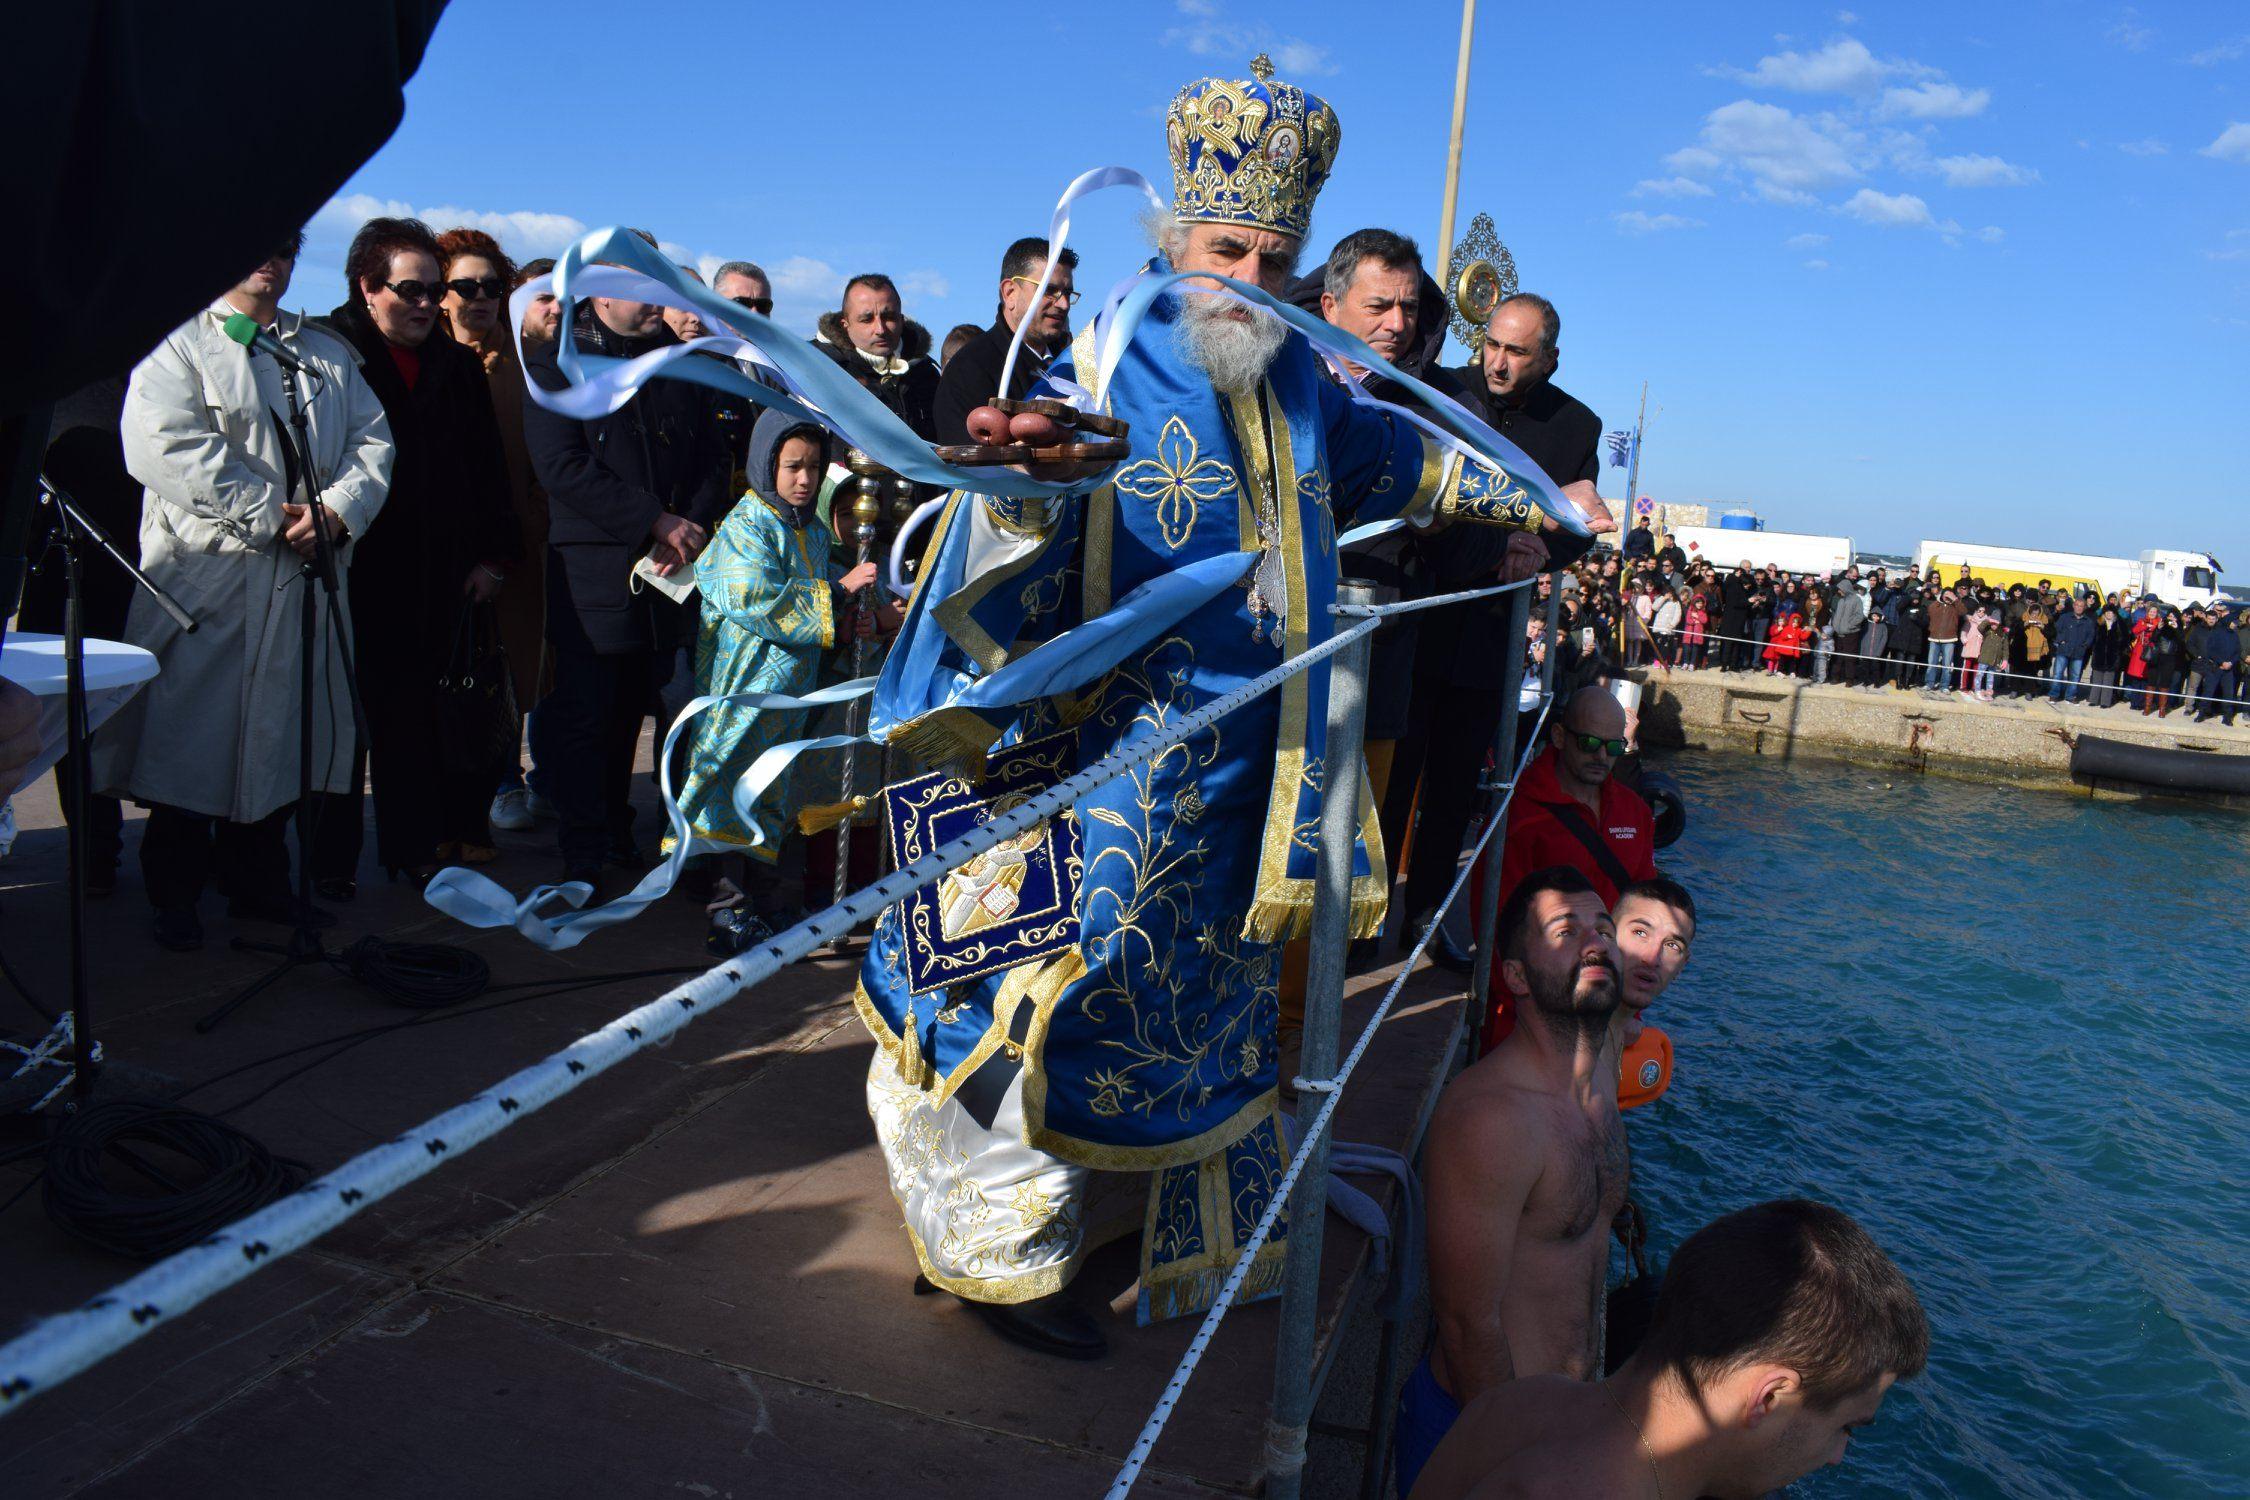 Κυλλήνη: Με επισημότητα και Θρησκευτική κατάνυξη εορτάστηκαν τα Άγια Θεοφάνεια 2020 στο λιμάνι της Κυλλήνης (Photos)